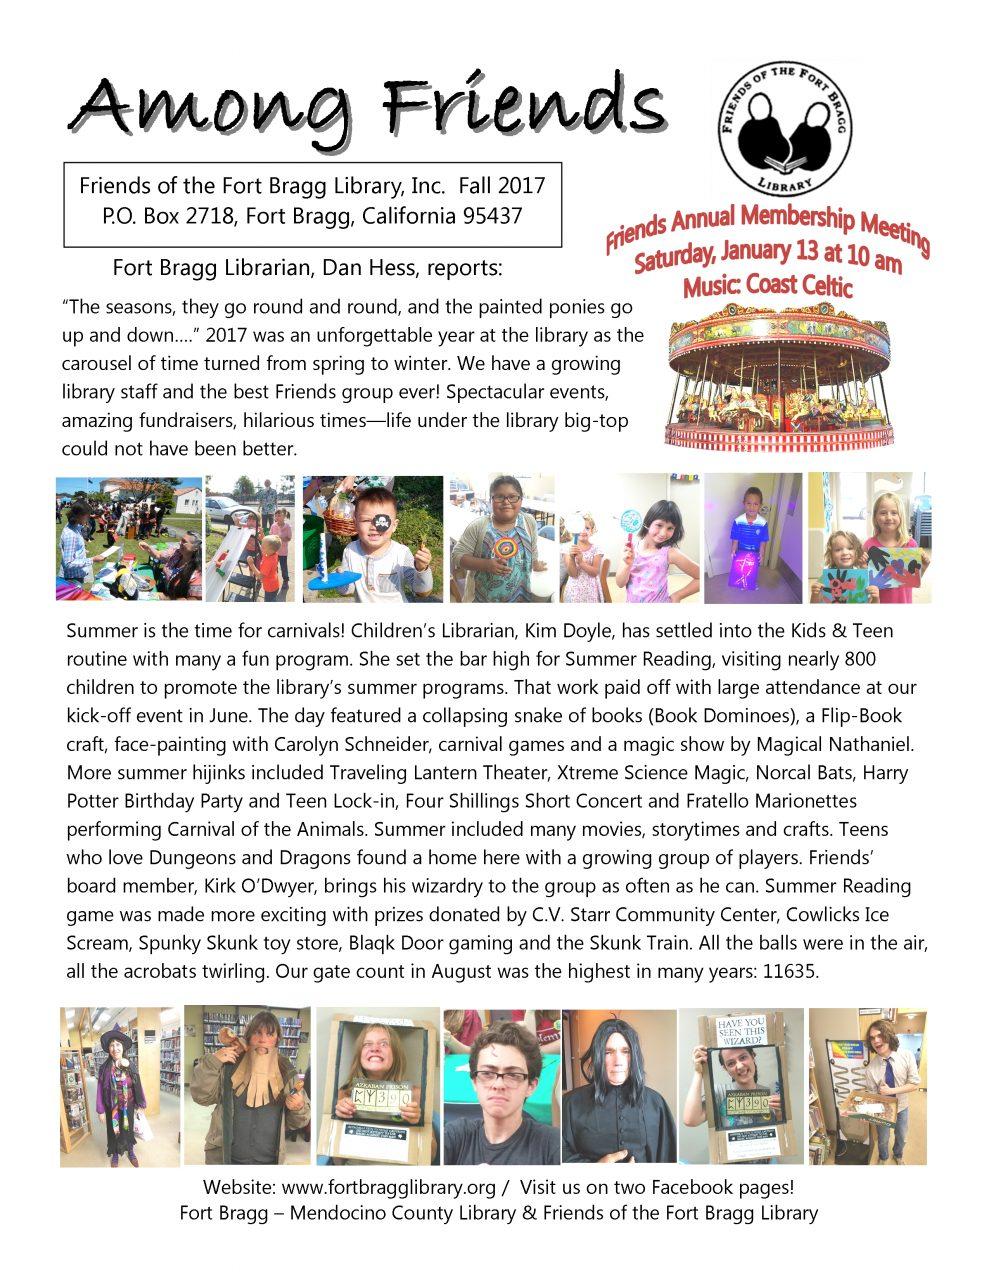 Among Friends Newsletter - Fall 2017